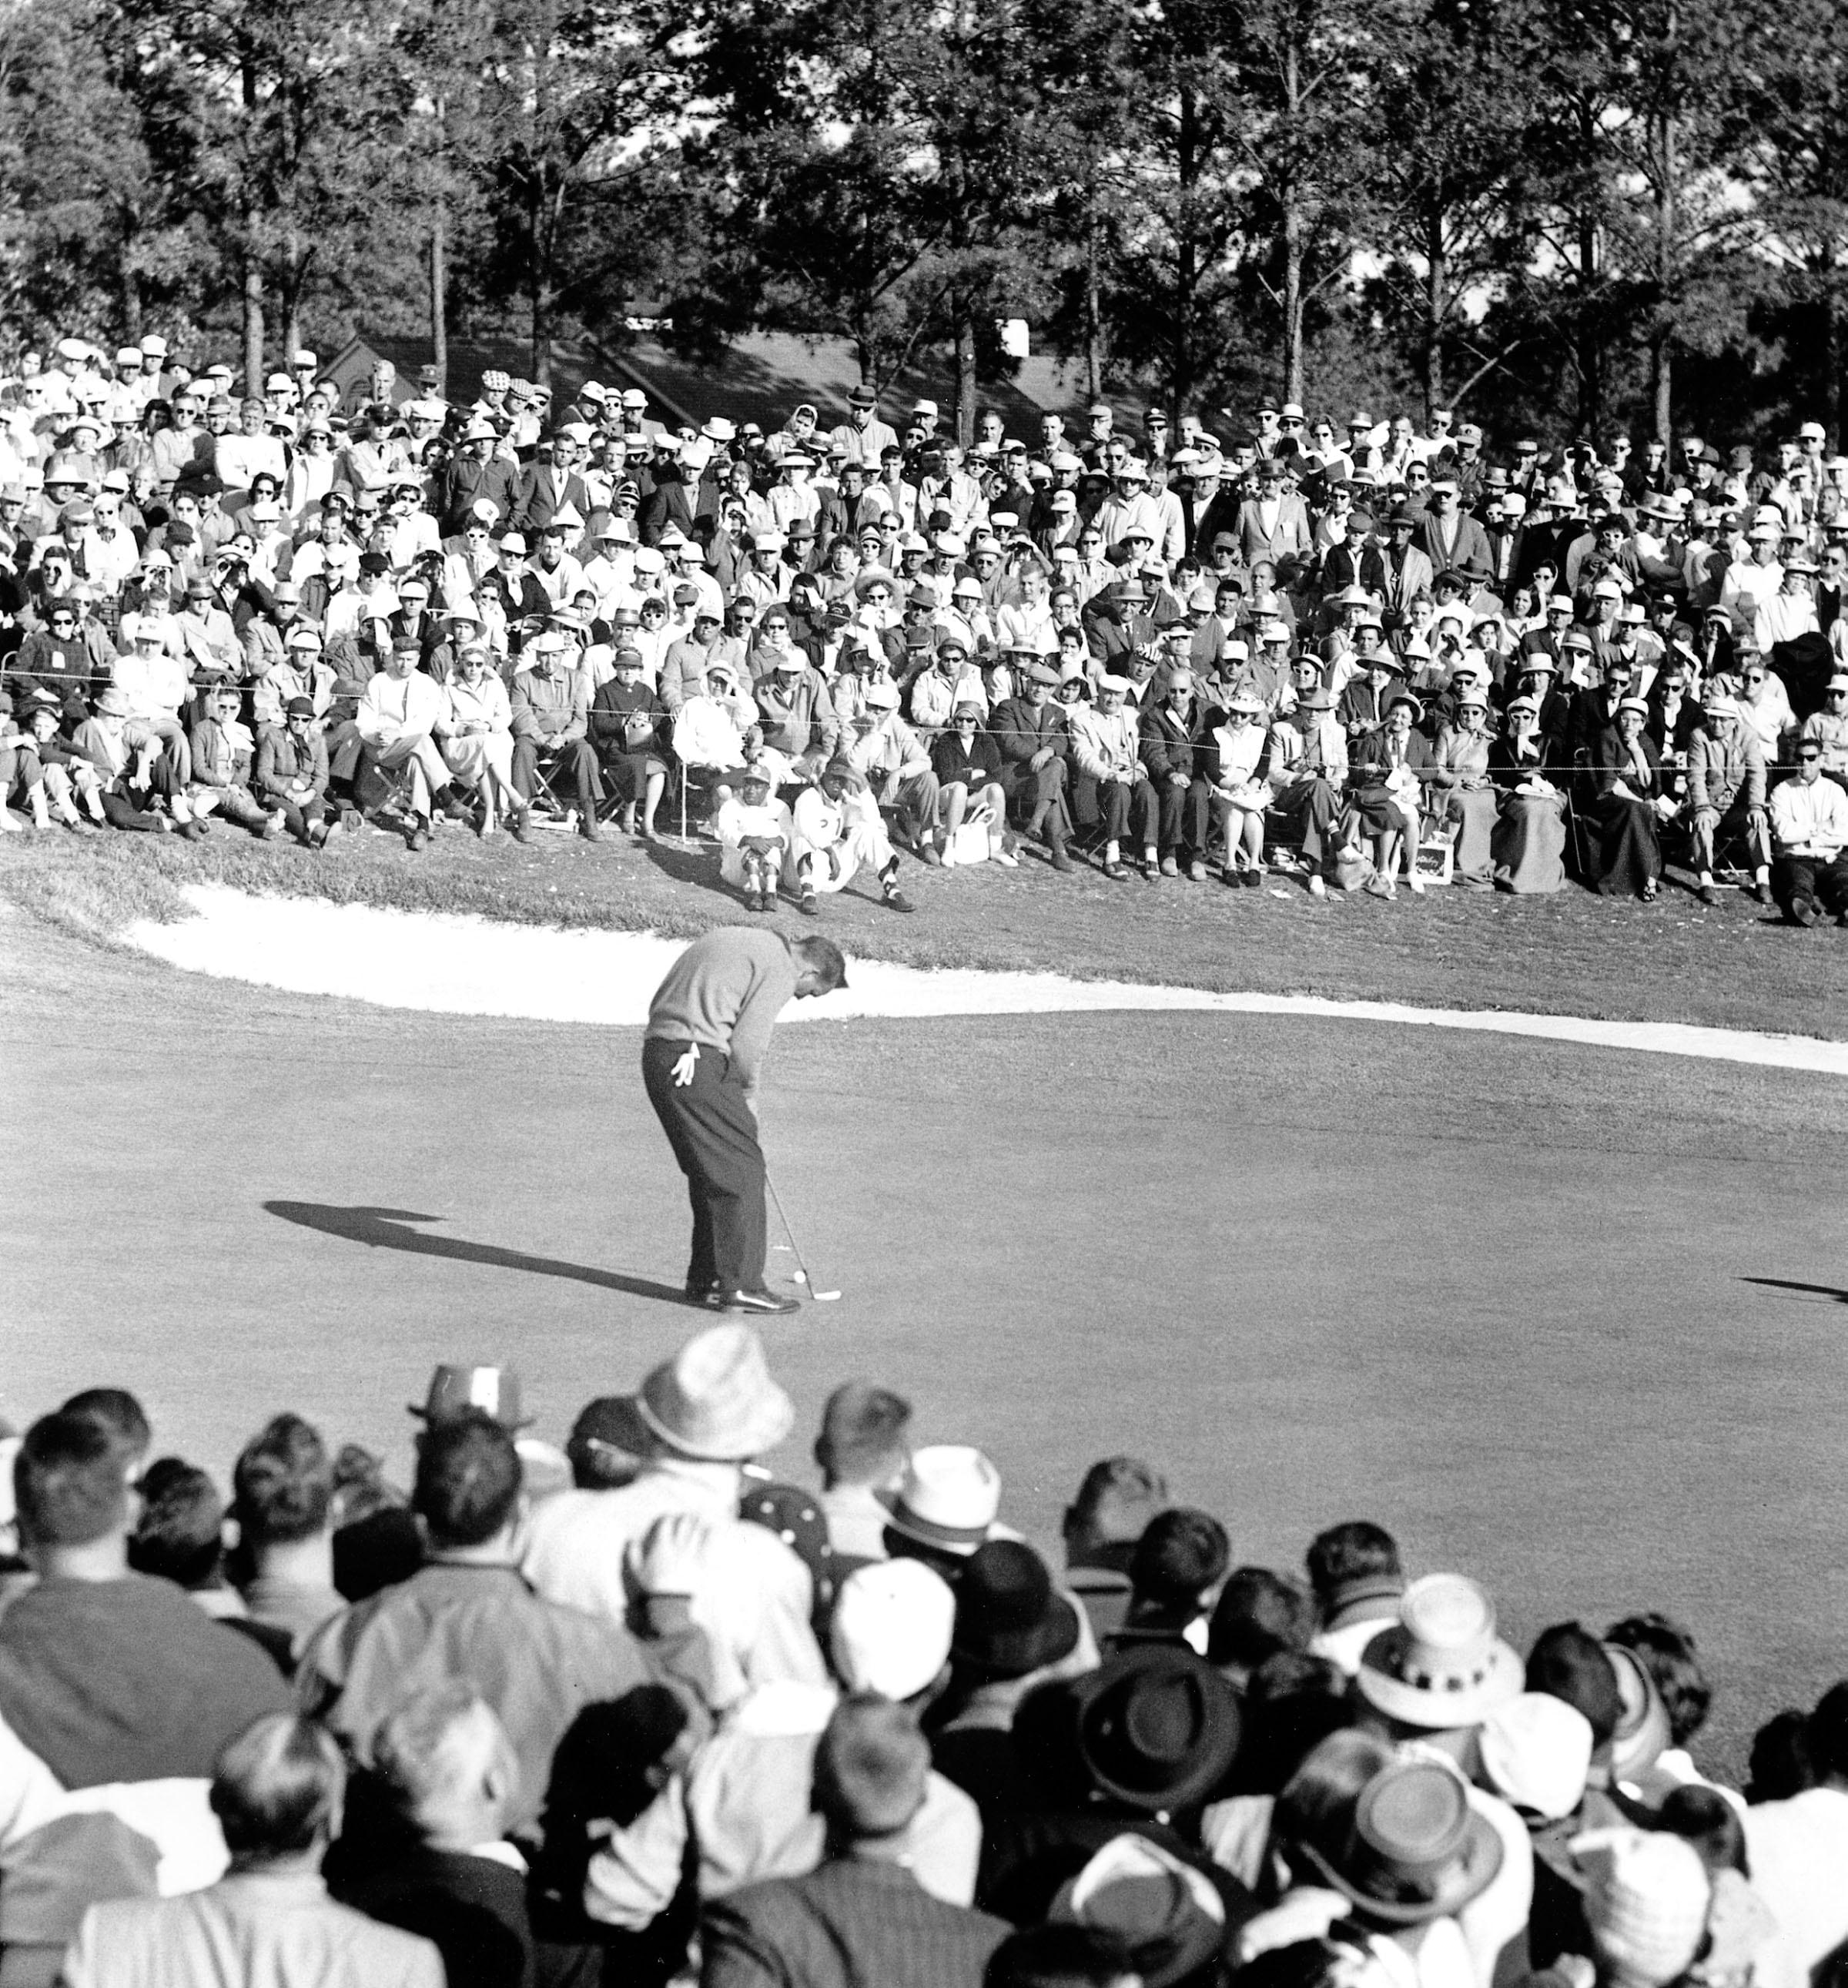 13. 1960: Palmer's rally